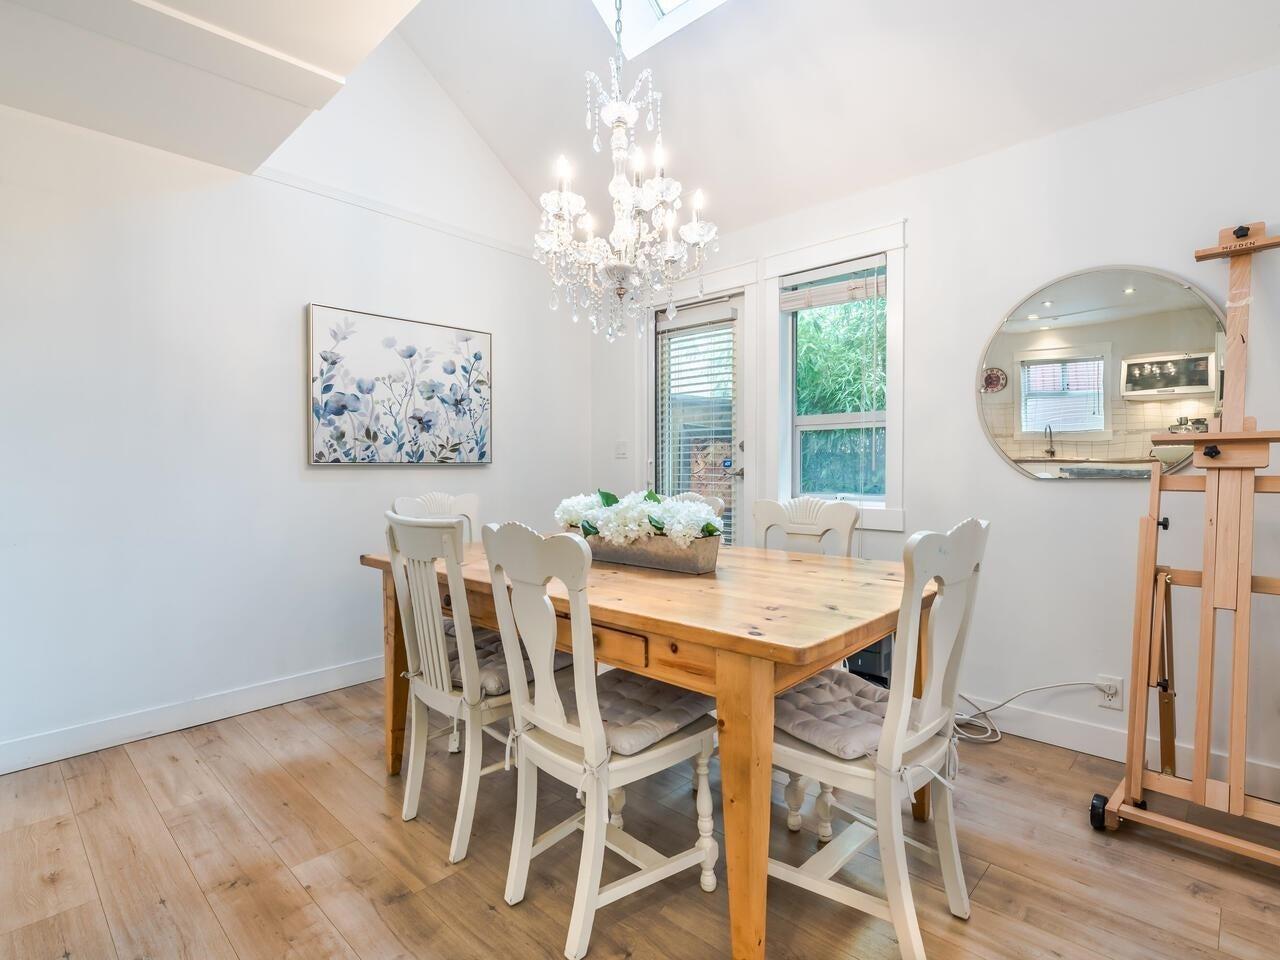 1231 E 11TH AVENUE - Mount Pleasant VE 1/2 Duplex for sale, 3 Bedrooms (R2625828) - #19